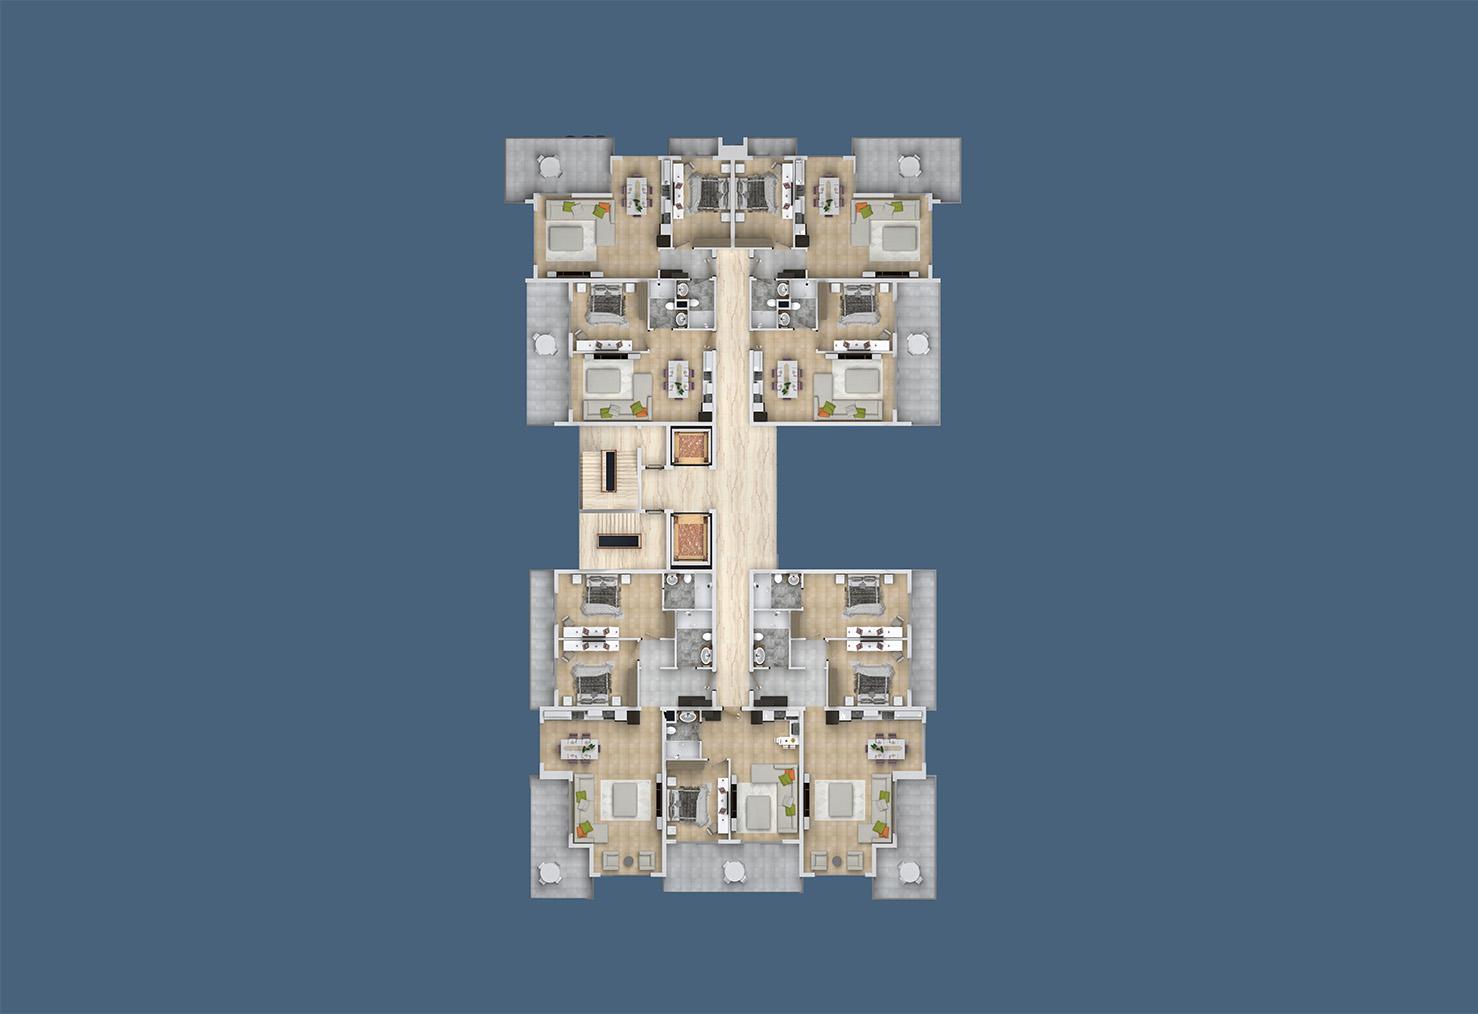 План расположения квартир 5 этаж D Yekta Kingdom Trade Center